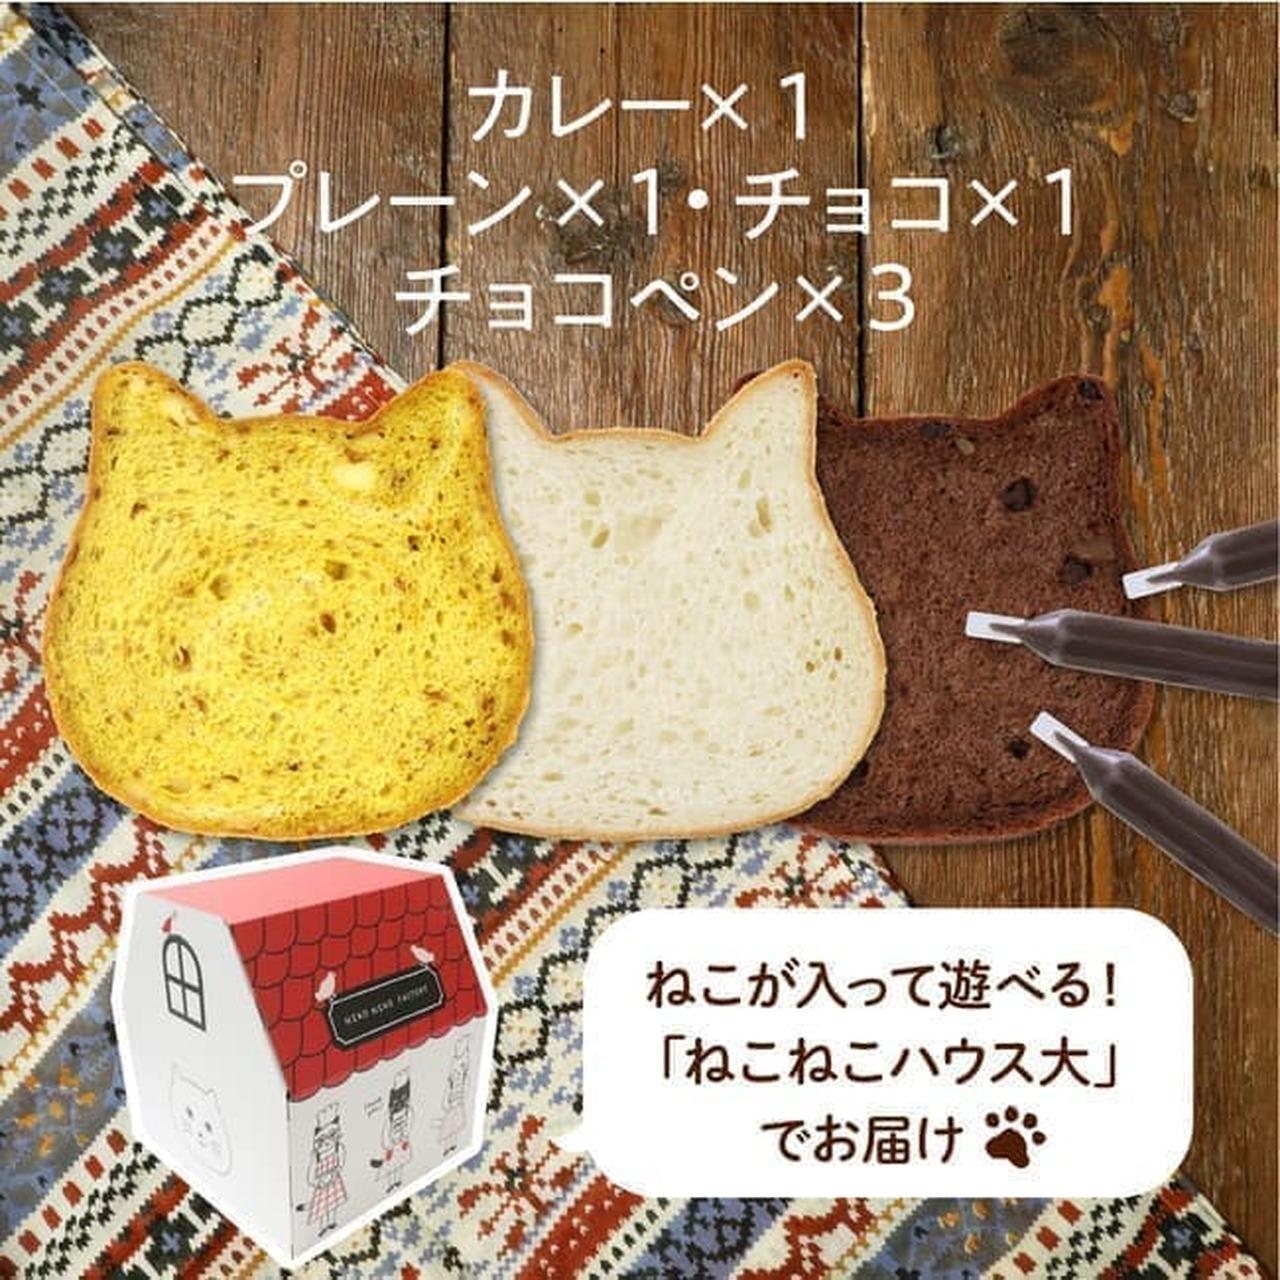 ねこねこ食パン(カレー&プレーン&チョコ)